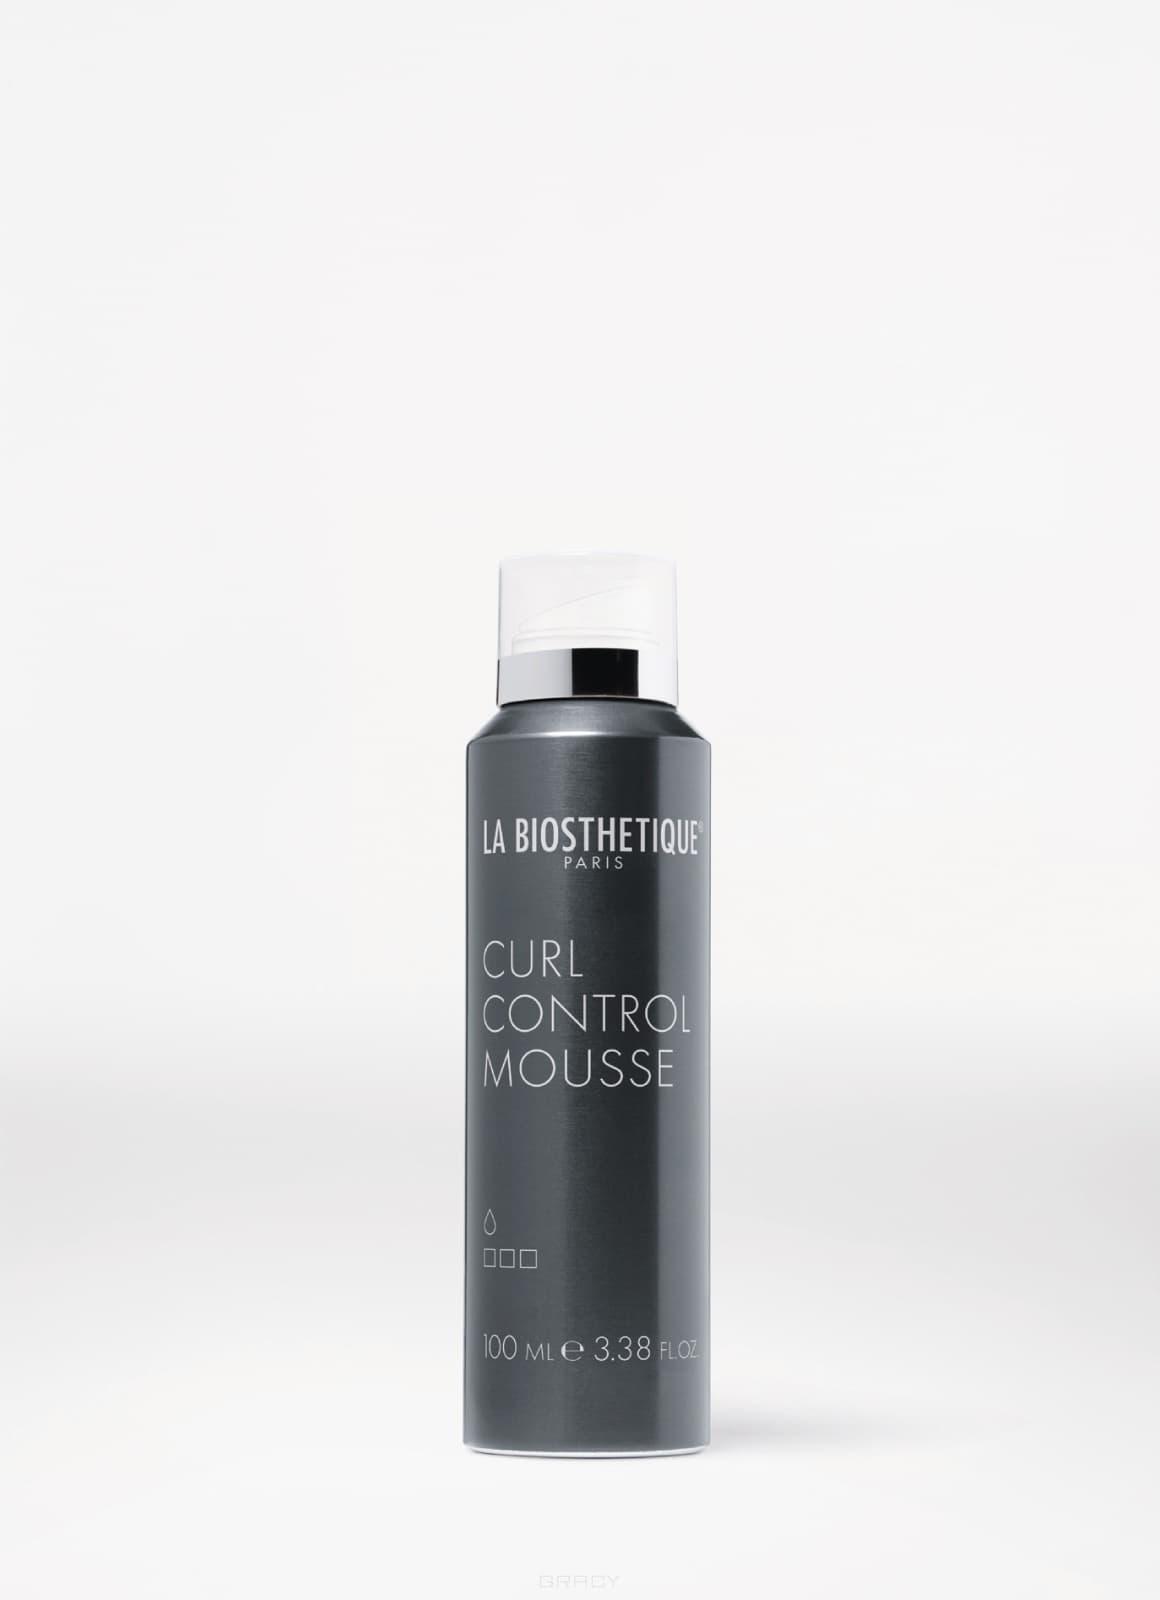 La Biosthetique Гелевая пенка для вьющихся волос Curl Control Mousse, 100 мл la biosthetique моделирующий лак для волос сильной фиксации molding spray 300 мл